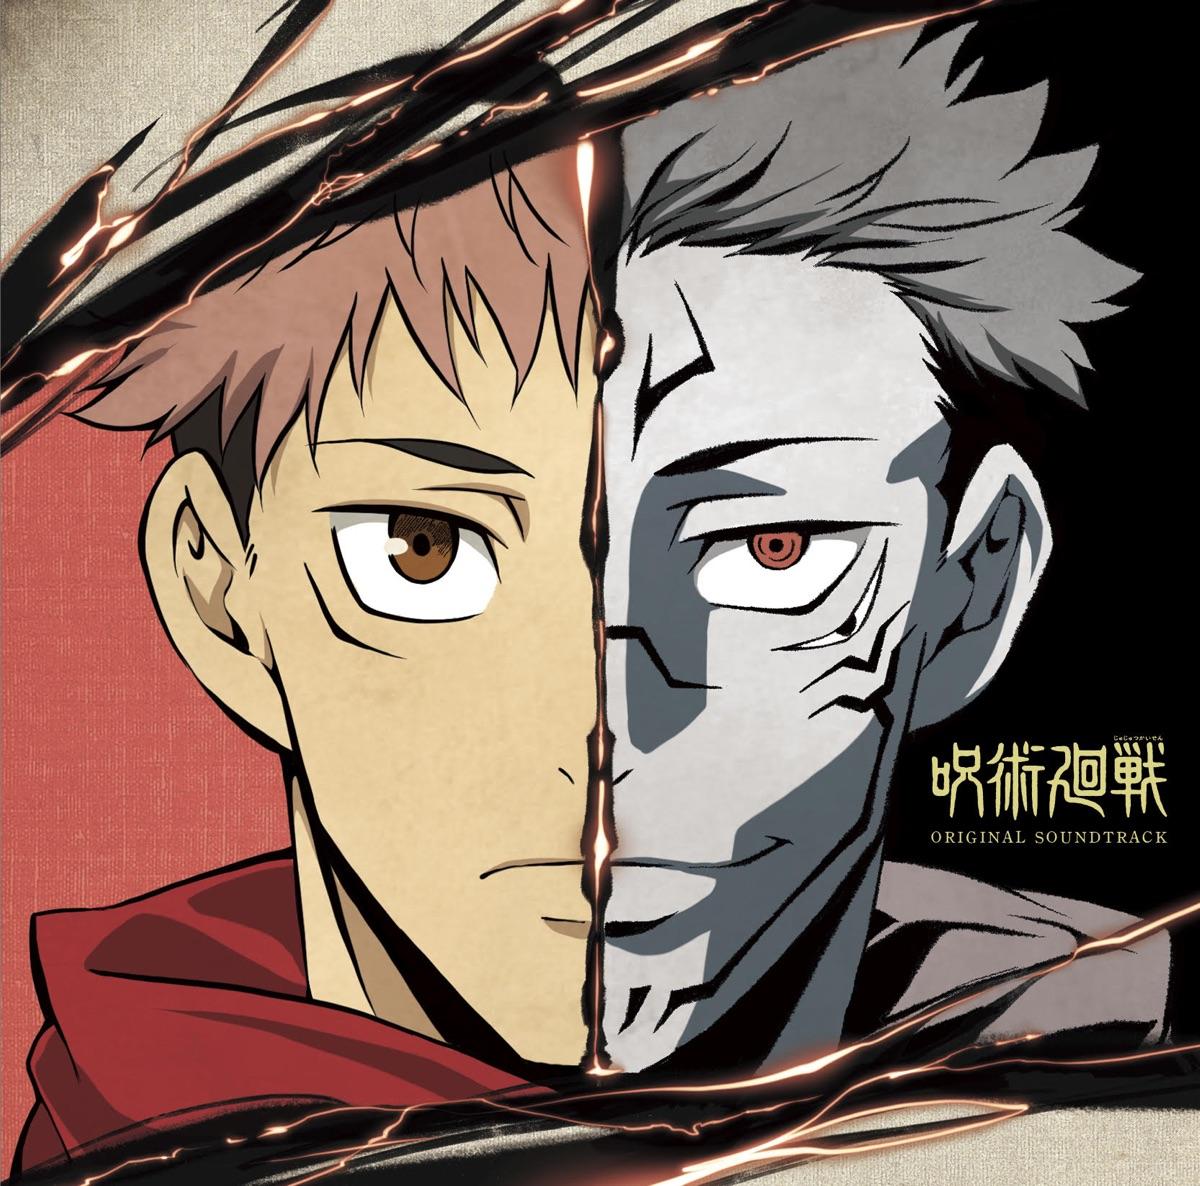 『Masato(coldrain) - REMEMBER』収録の『TVアニメ『呪術廻戦』オリジナル・サウンドトラック』ジャケット